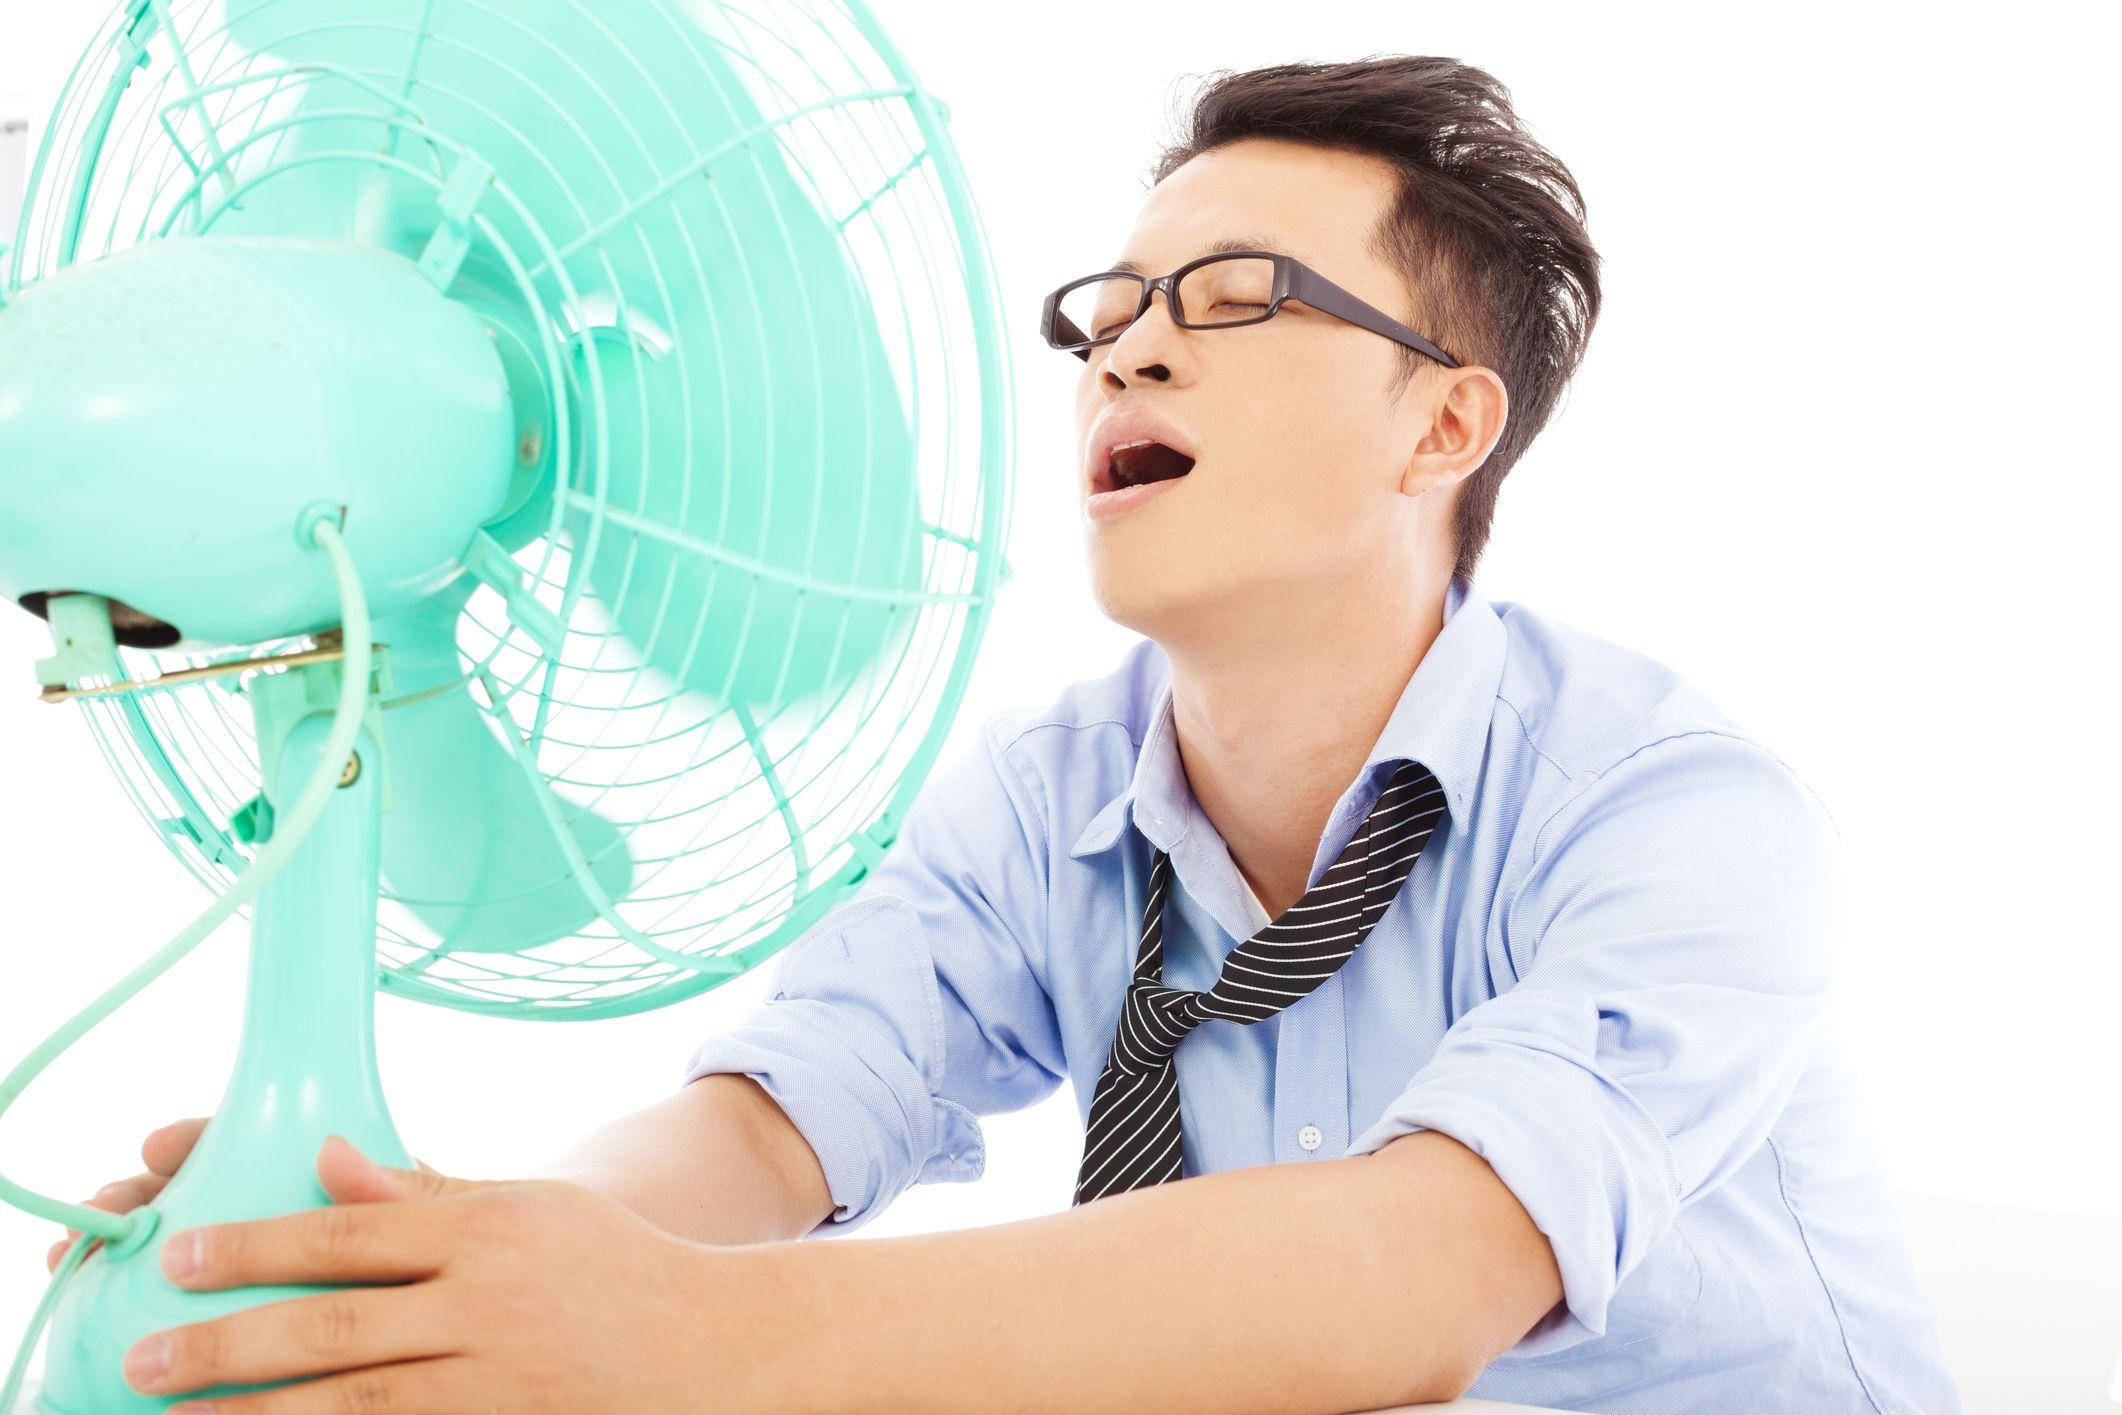 Czy należy skrócić czas pracy w upalne dni?